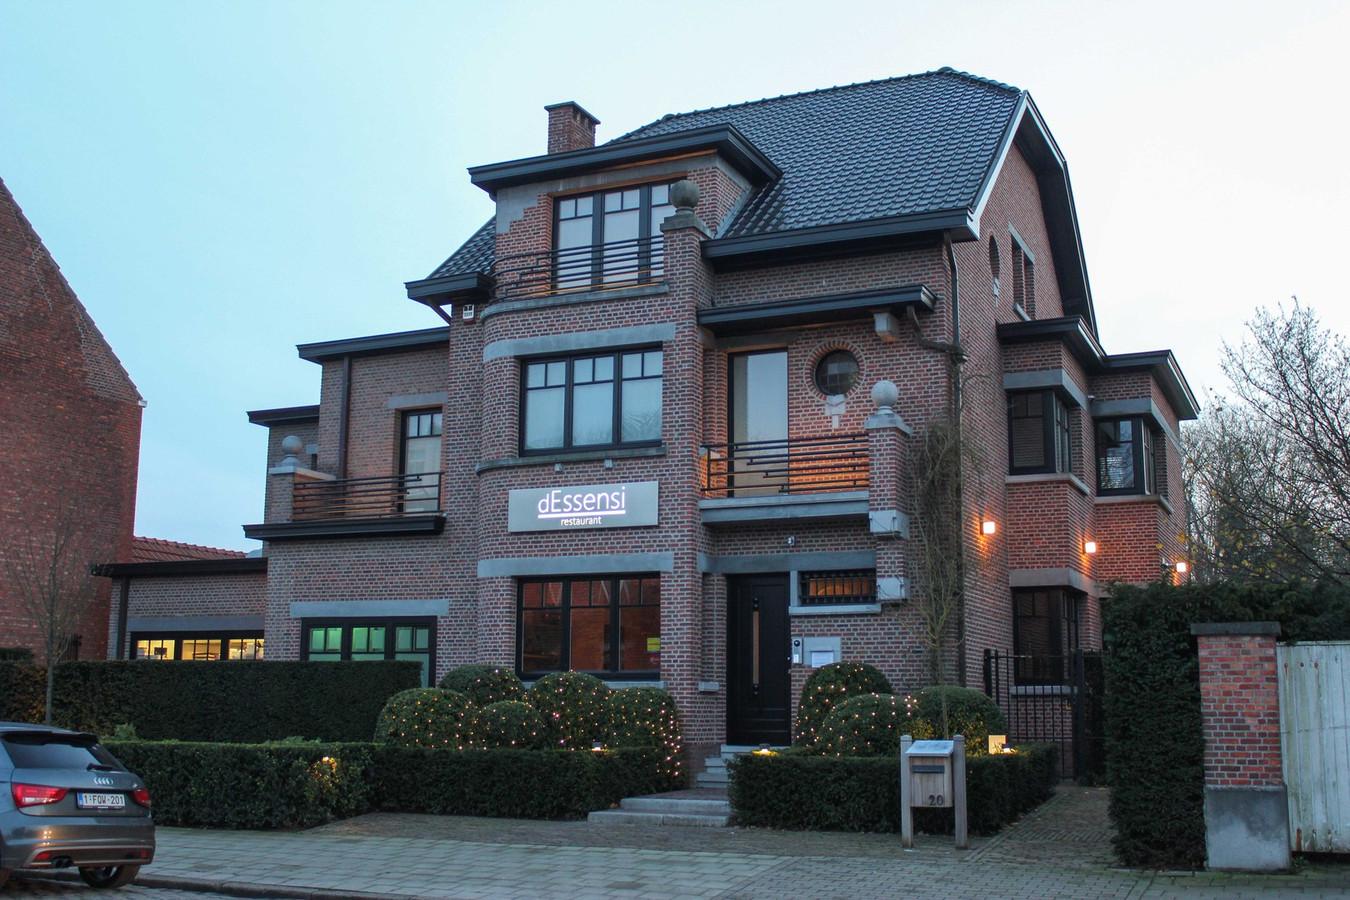 Restaurant dEssensi langs de Kerkstraat in 's-Gravenwezel